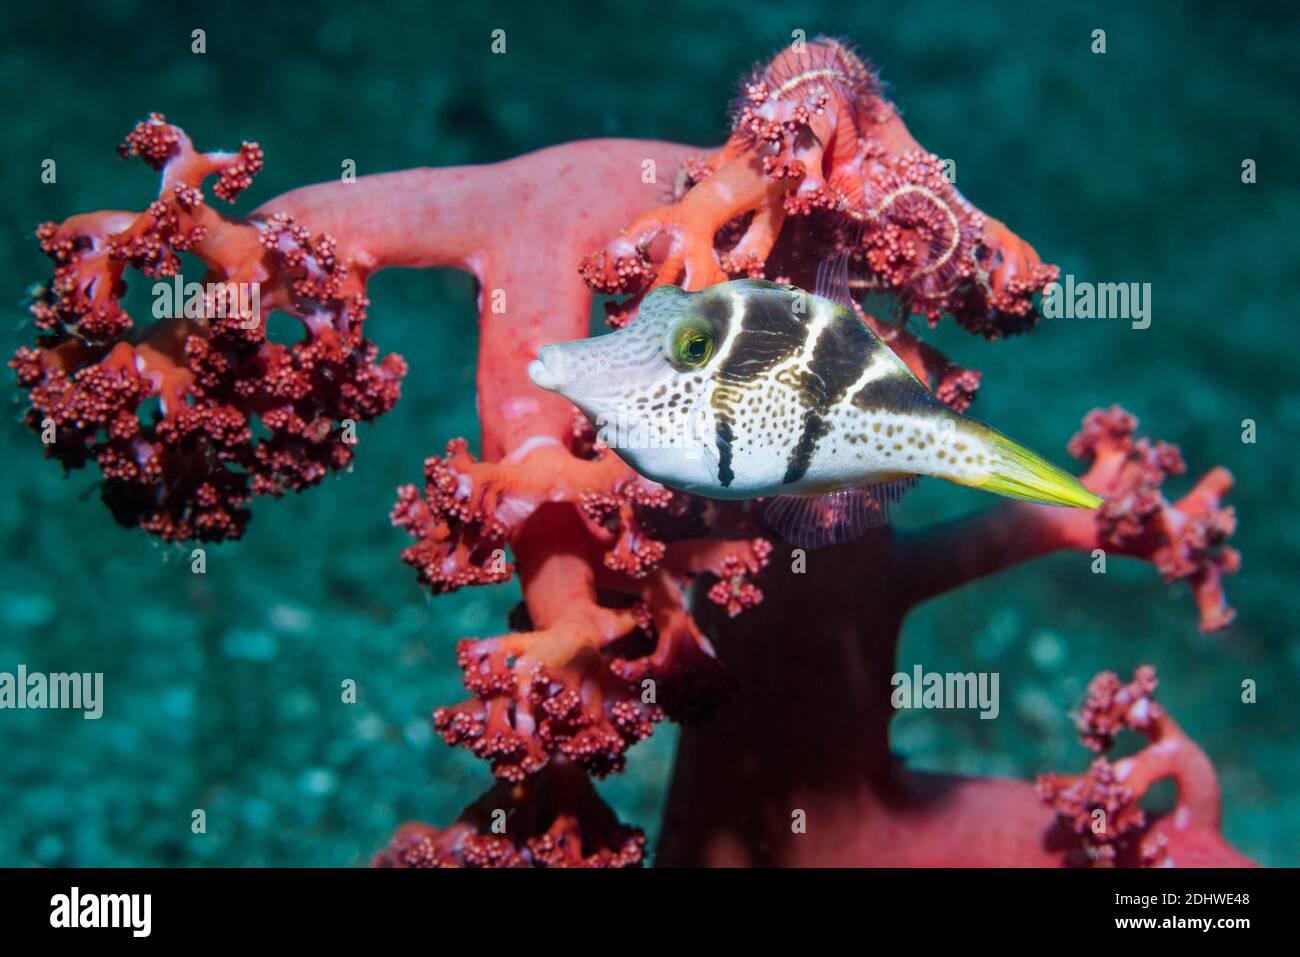 Mimic Leatherjacket or Blacksaddle Mimic [Paraluteres prionurus].  Lembeh Strait, North Sulawesi, Indonesia. Stock Photo